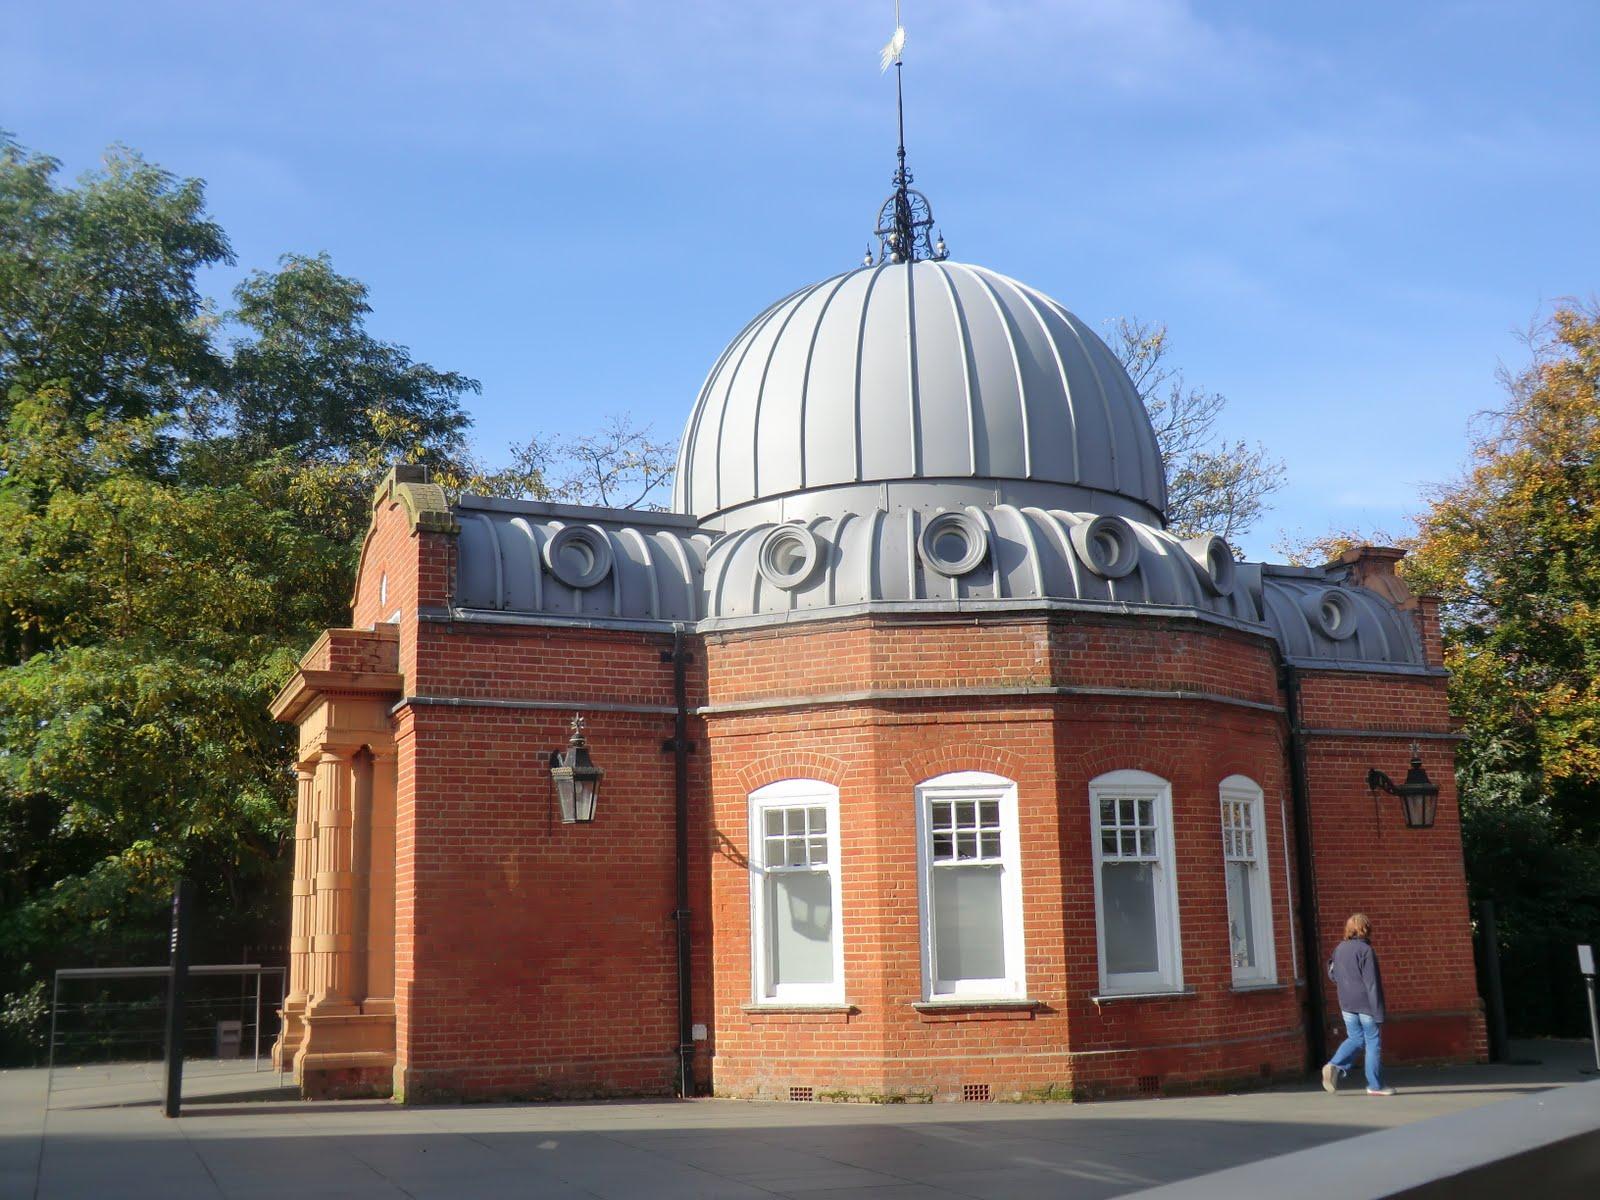 CIMG0948 Altazimuth Pavilion, Old Royal Observatory